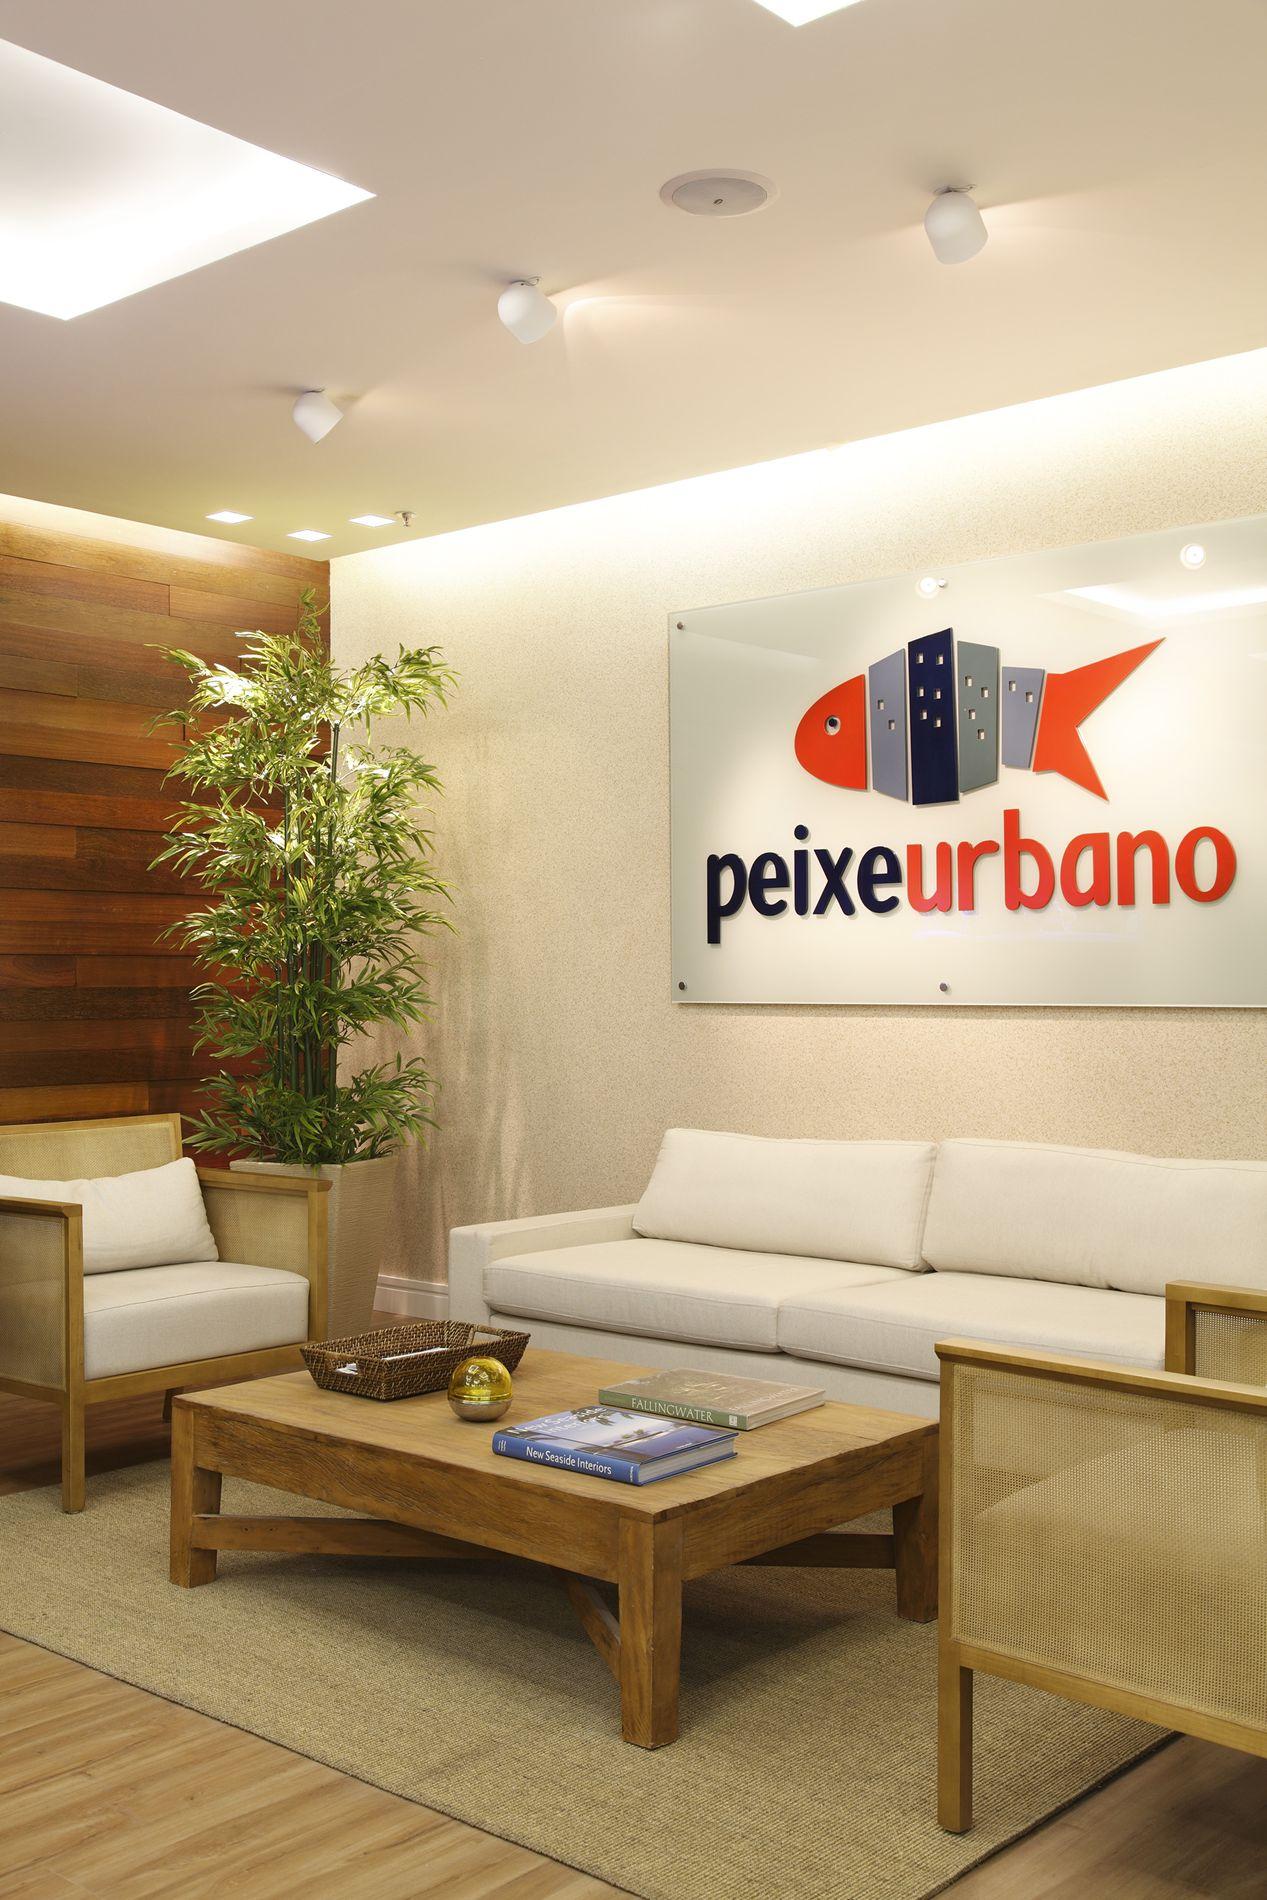 Imagens de #B53116 Escritório Peixe Urbano Presidente Vargas Centro Bianca Da Hora 1267x1900 px 2738 Box Banheiro Peixe Urbano